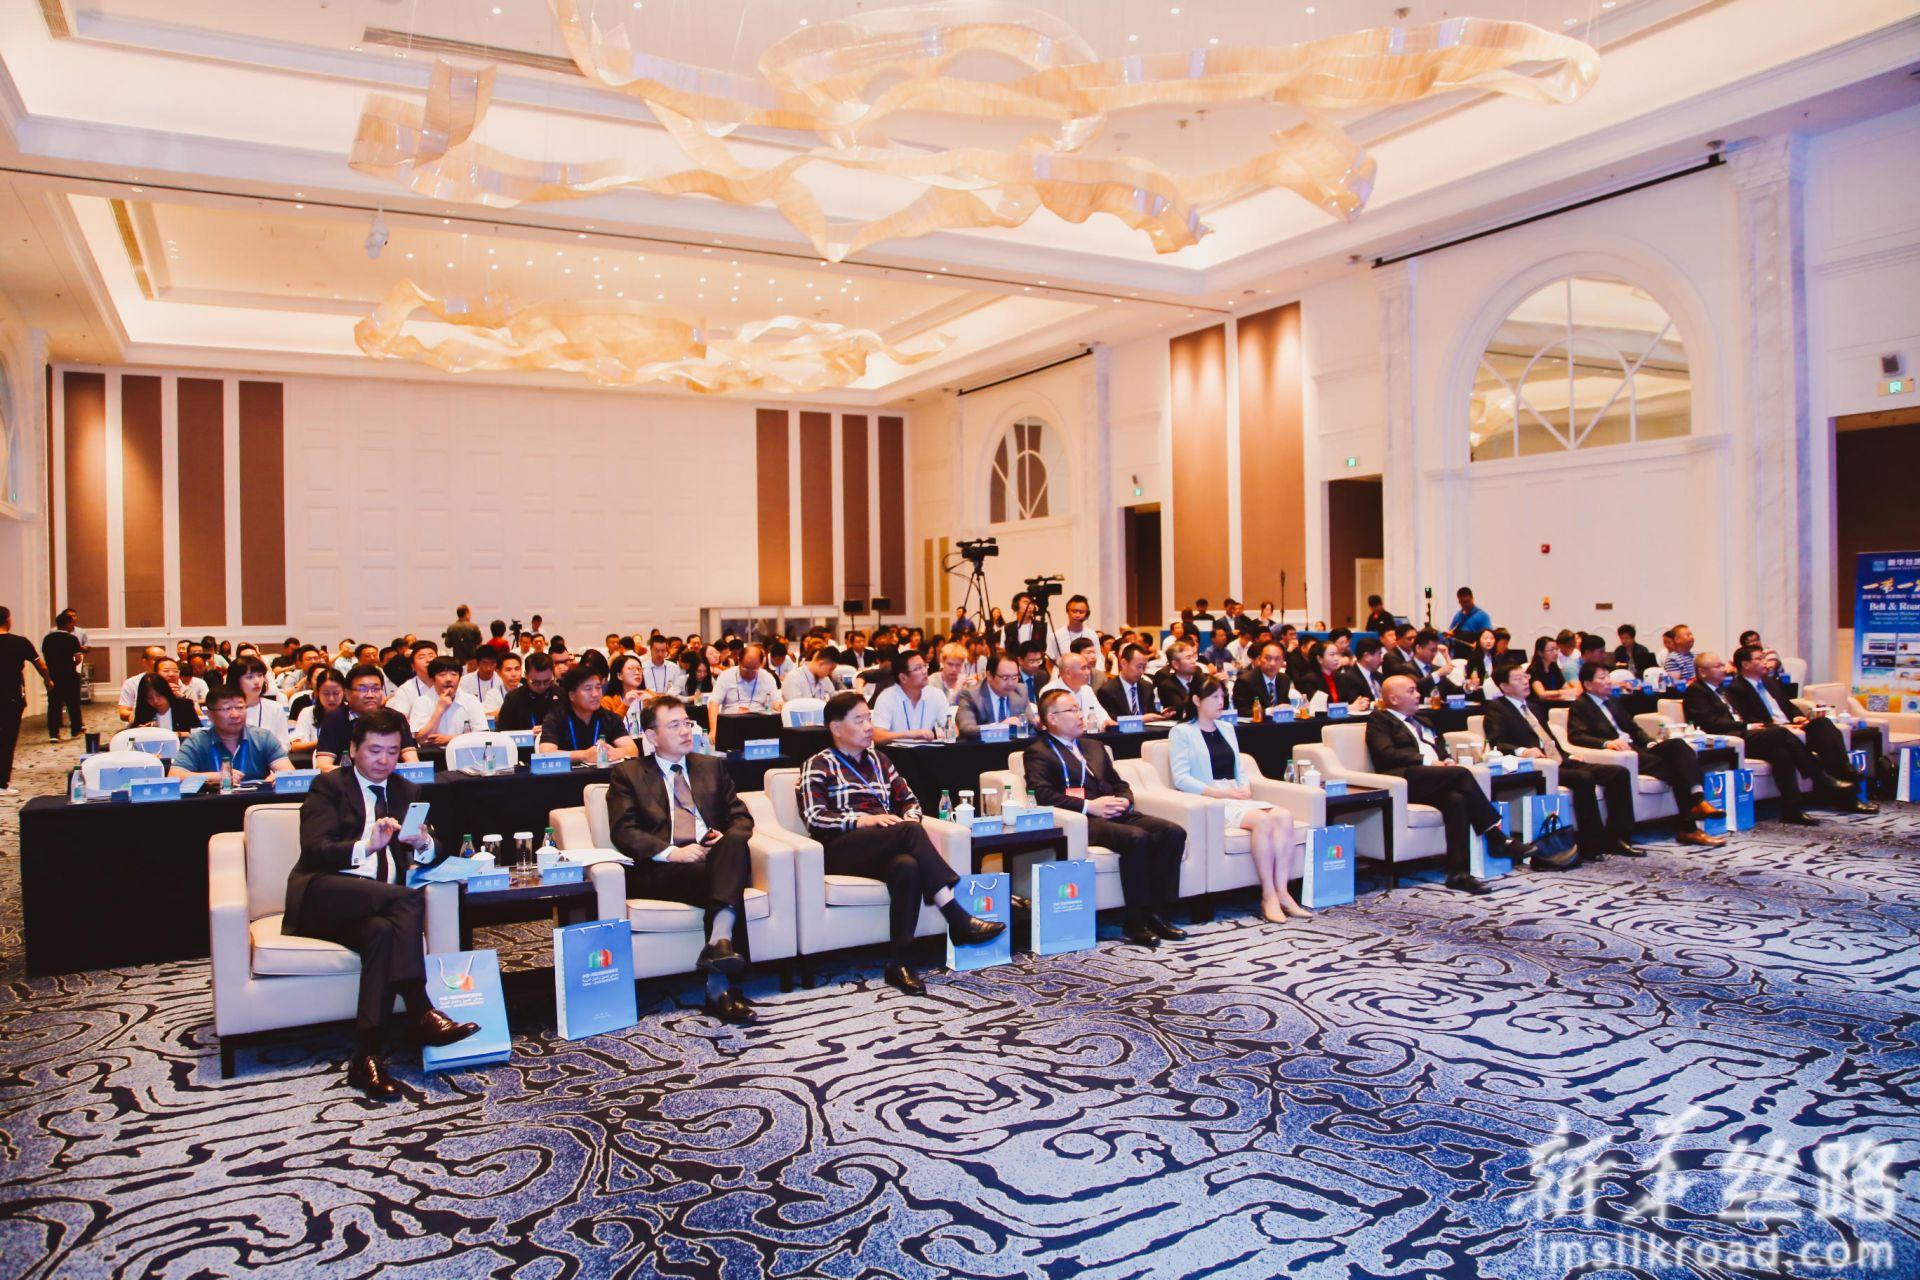 第三届中国 - 阿拉伯国家工商峰会品牌企业推介会现场。